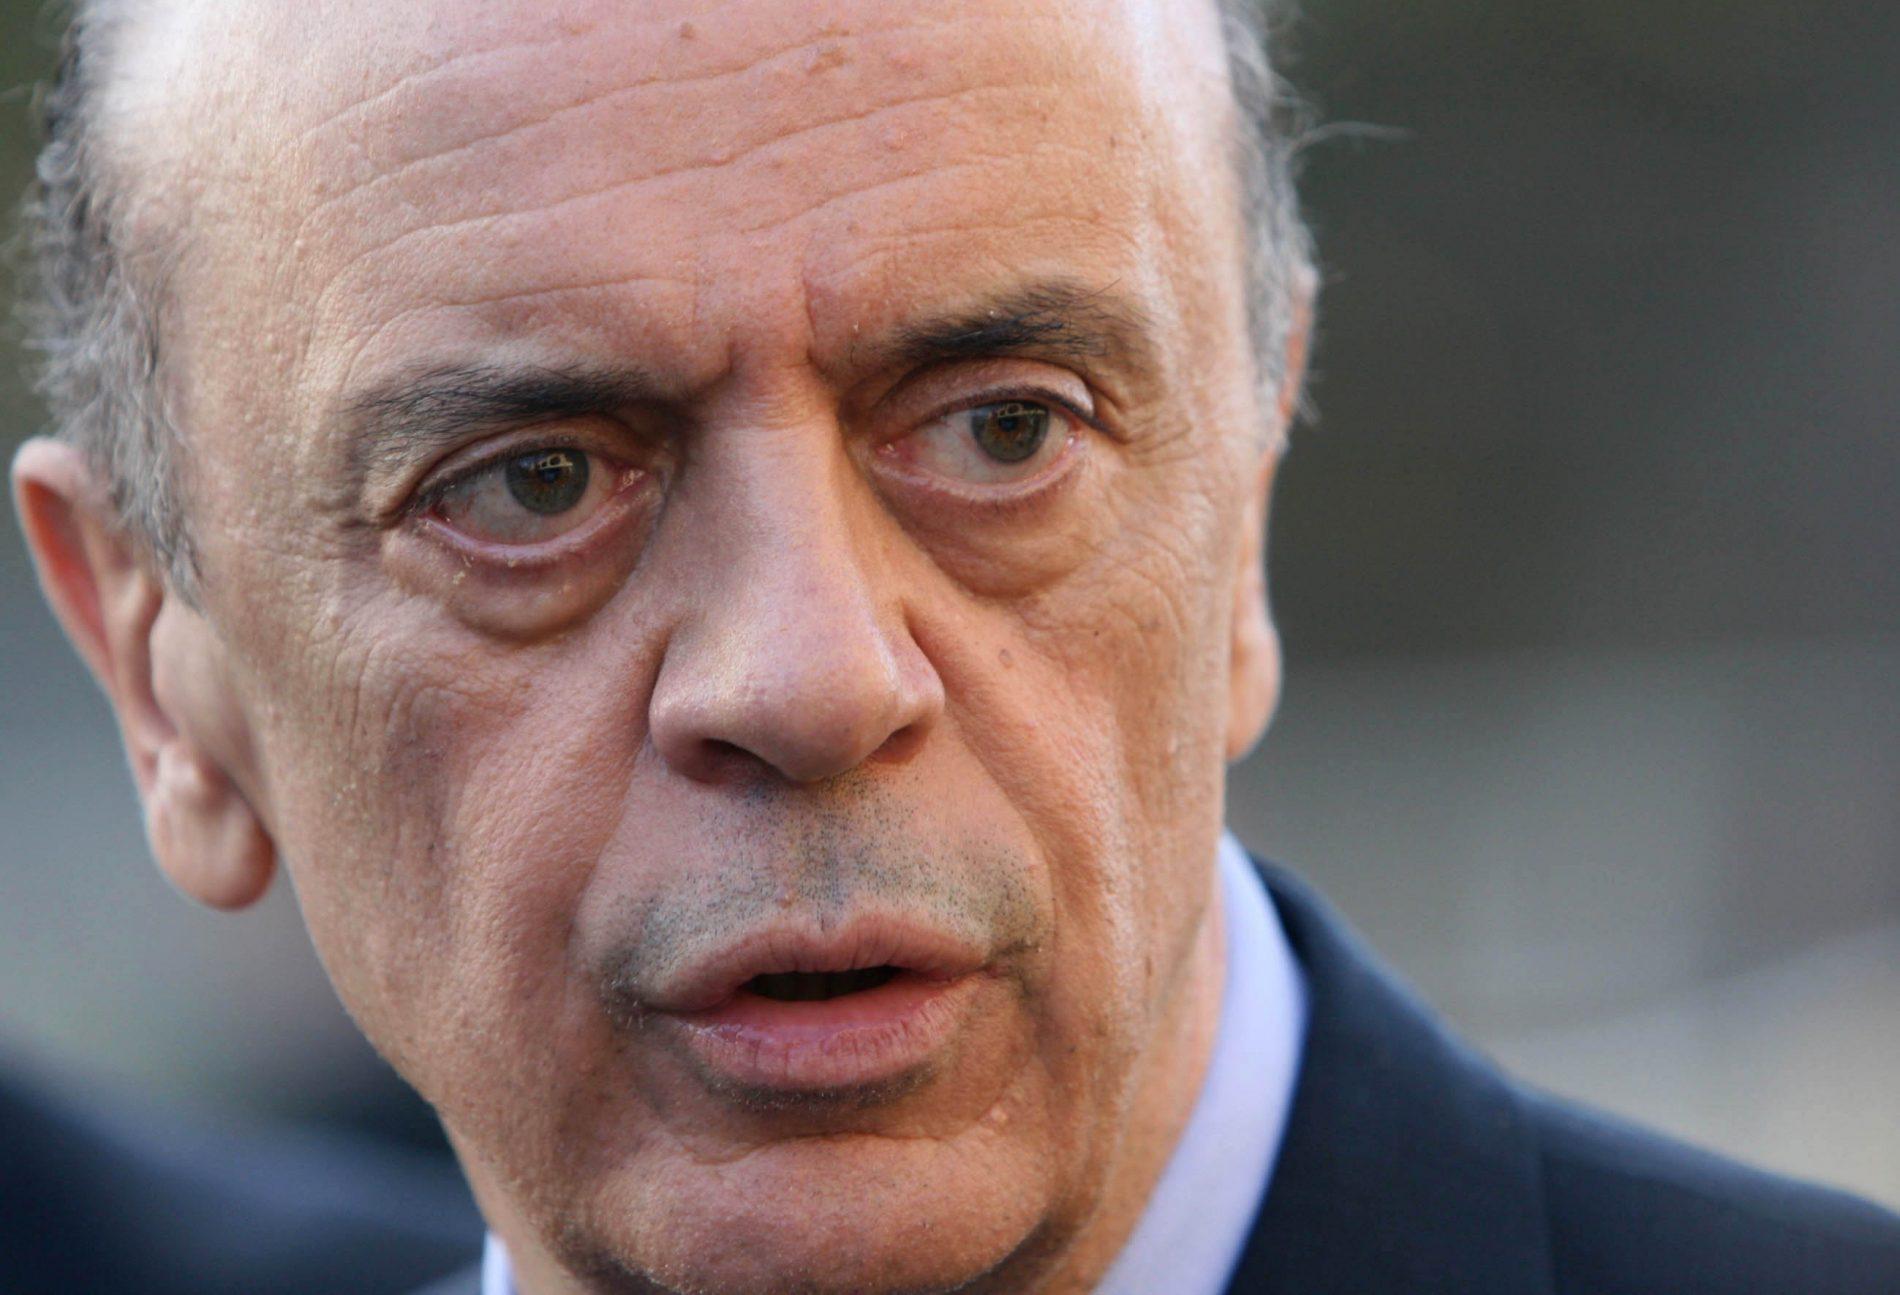 José Serra recebeu propina de R$ 24,6 milhões, diz delator